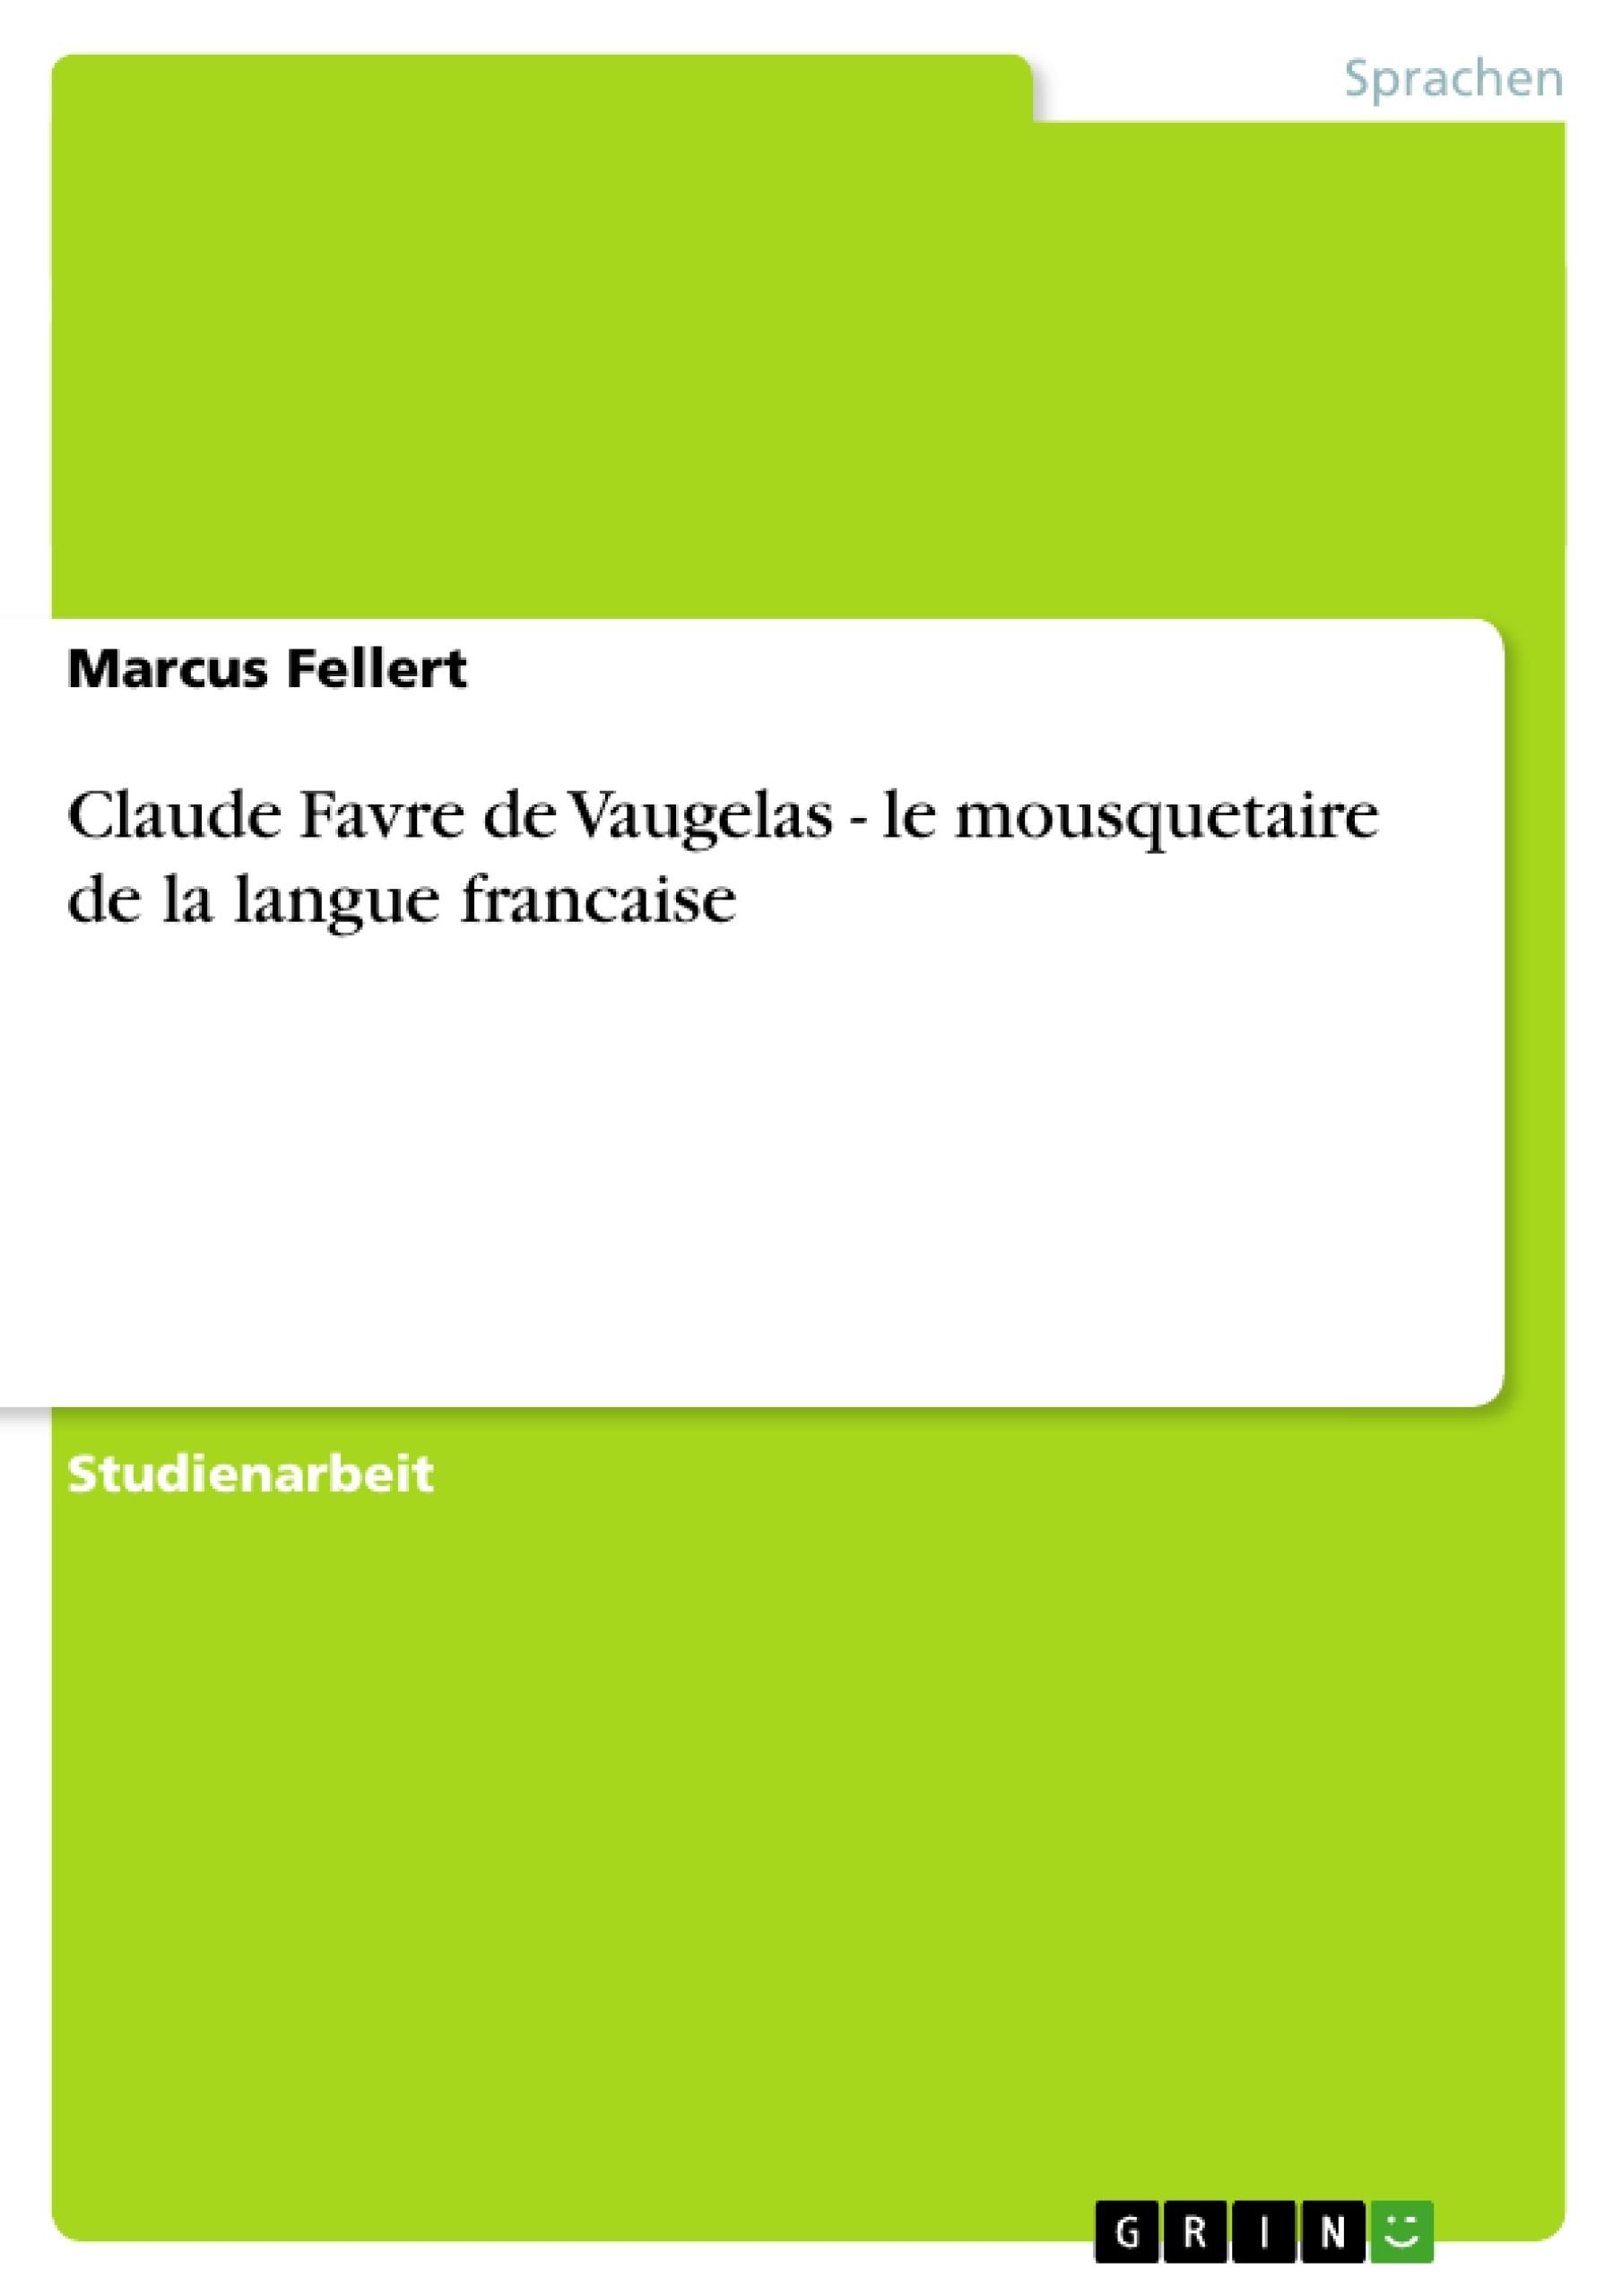 Titel: Claude Favre de Vaugelas - le mousquetaire de la langue francaise